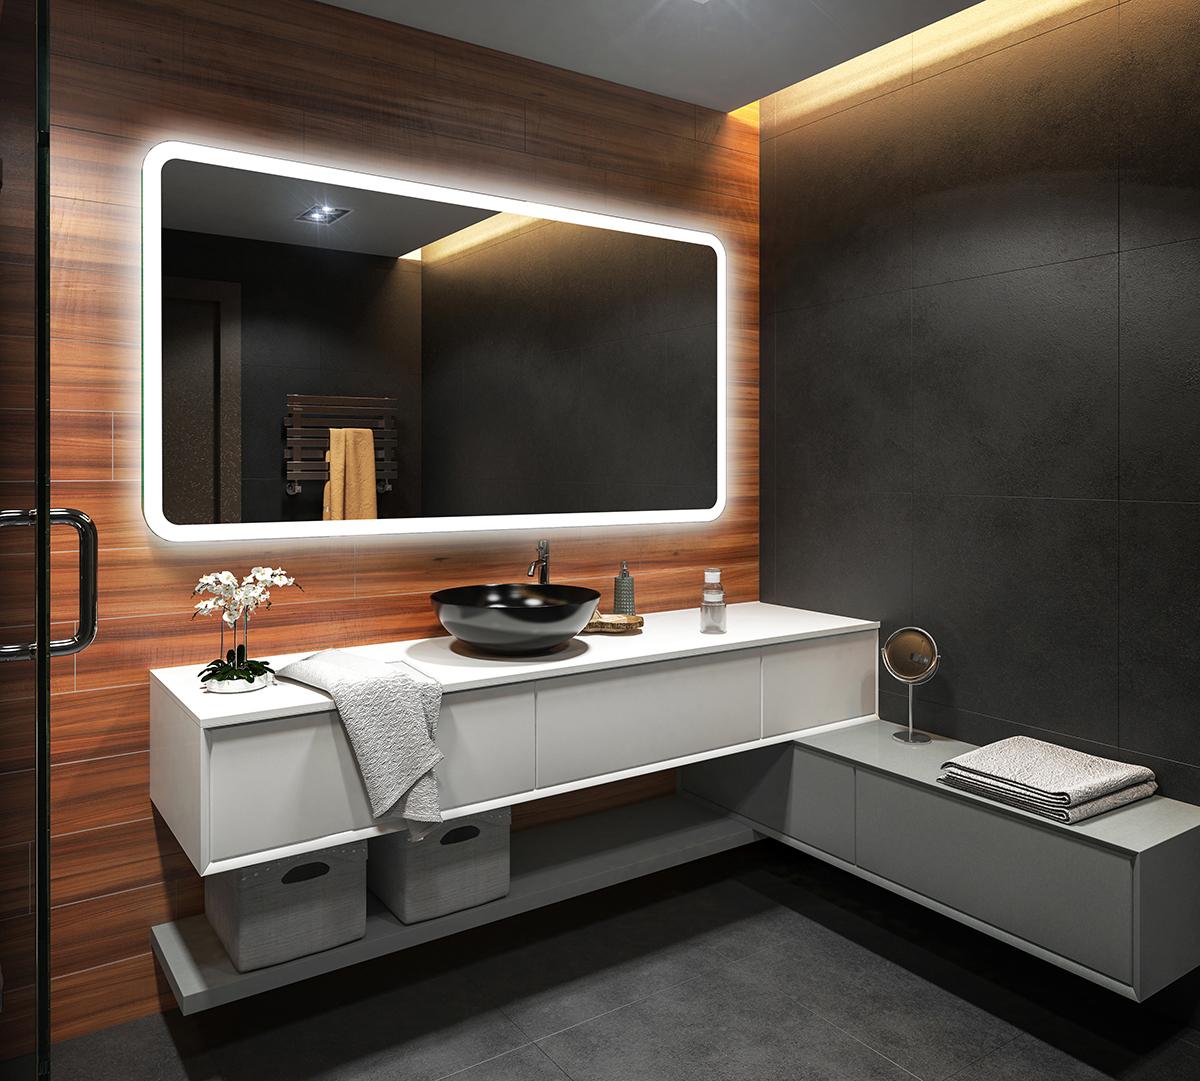 badspiegel mit led beleuchtung wandspiegel spiegel badezimmerspiegel nach ma 59 ebay. Black Bedroom Furniture Sets. Home Design Ideas